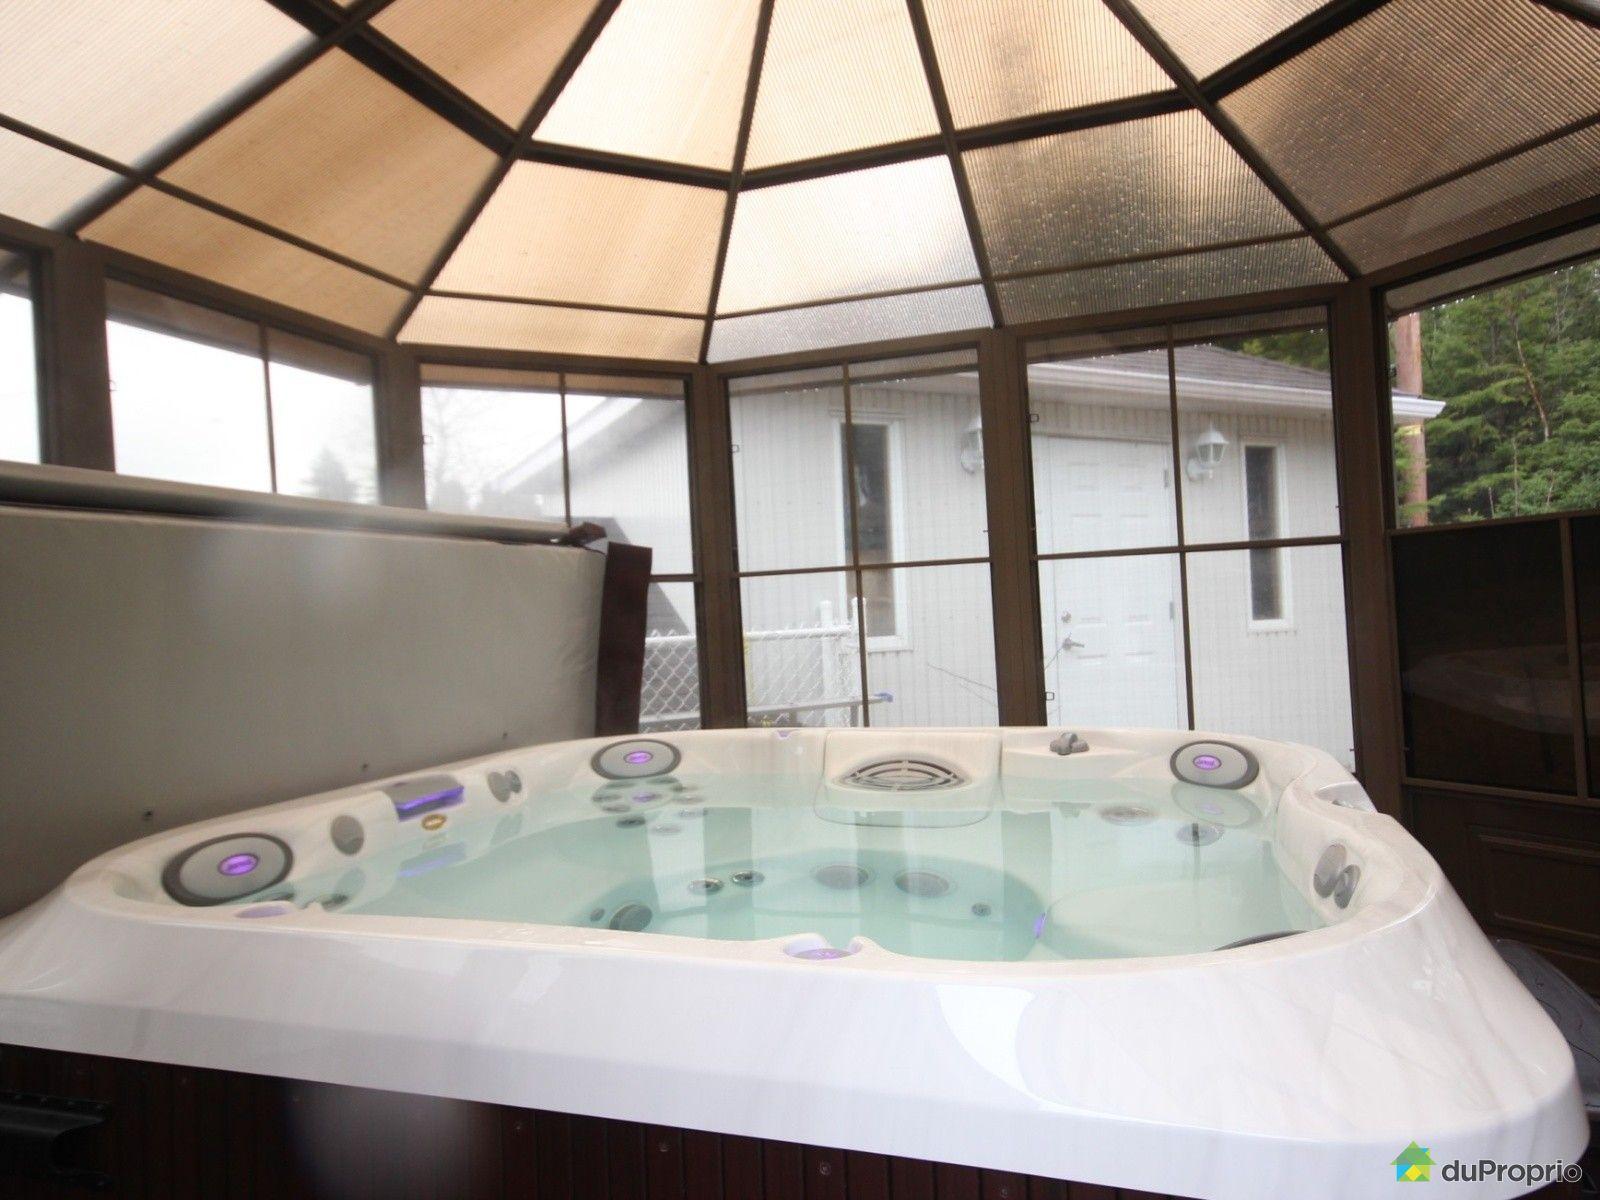 Maison vendre chicoutimi 761 croissant rabelais for Chauffe eau piscine hors terre prix